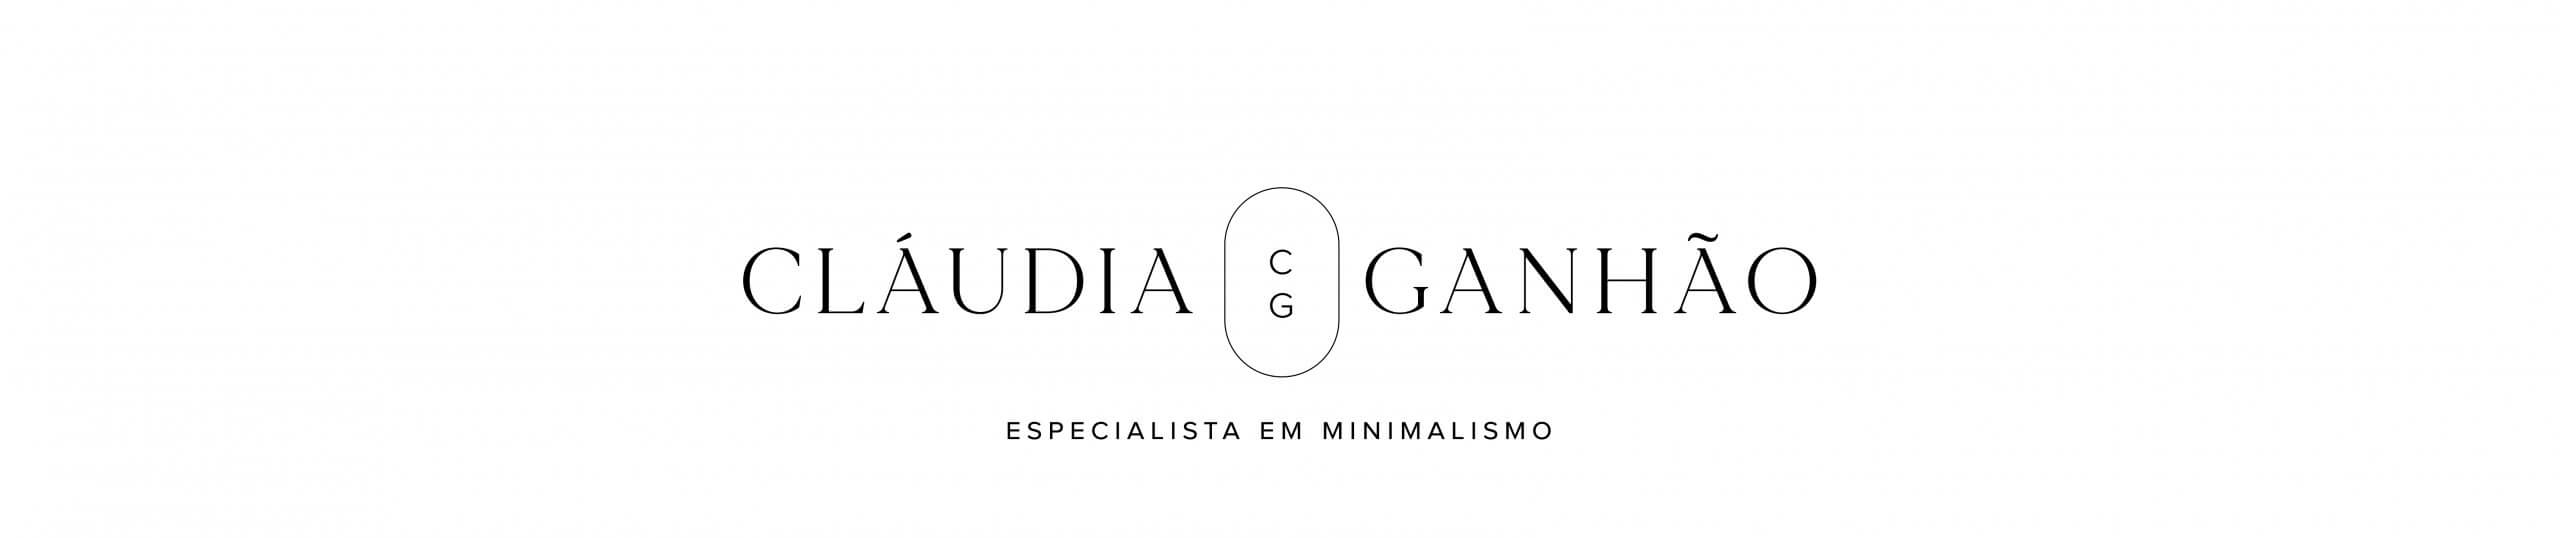 Cláudia Ganhão